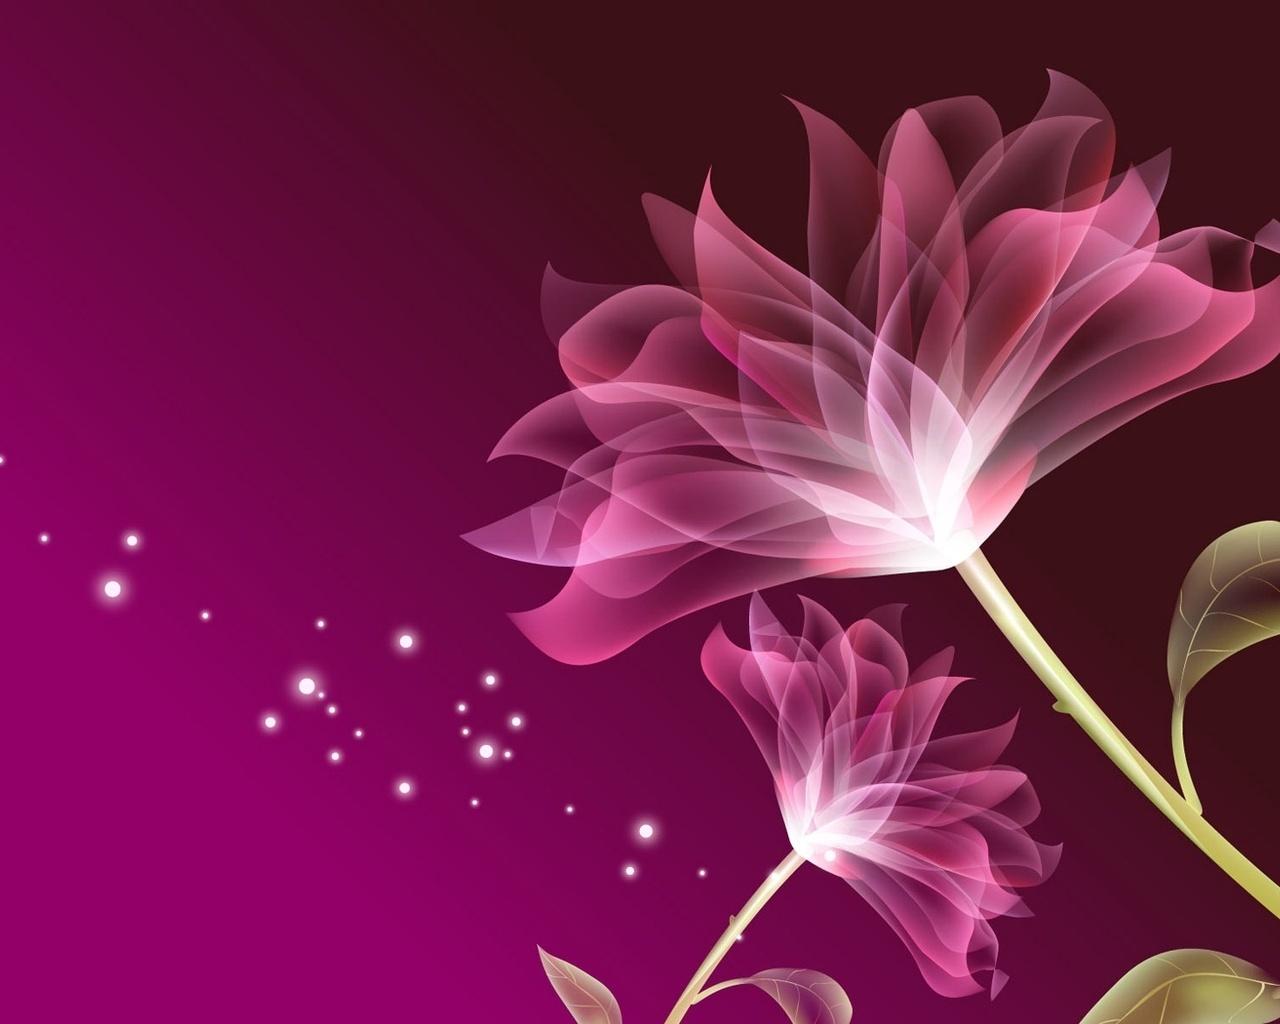 нежные лепестки, сиреневые цветы, листочки